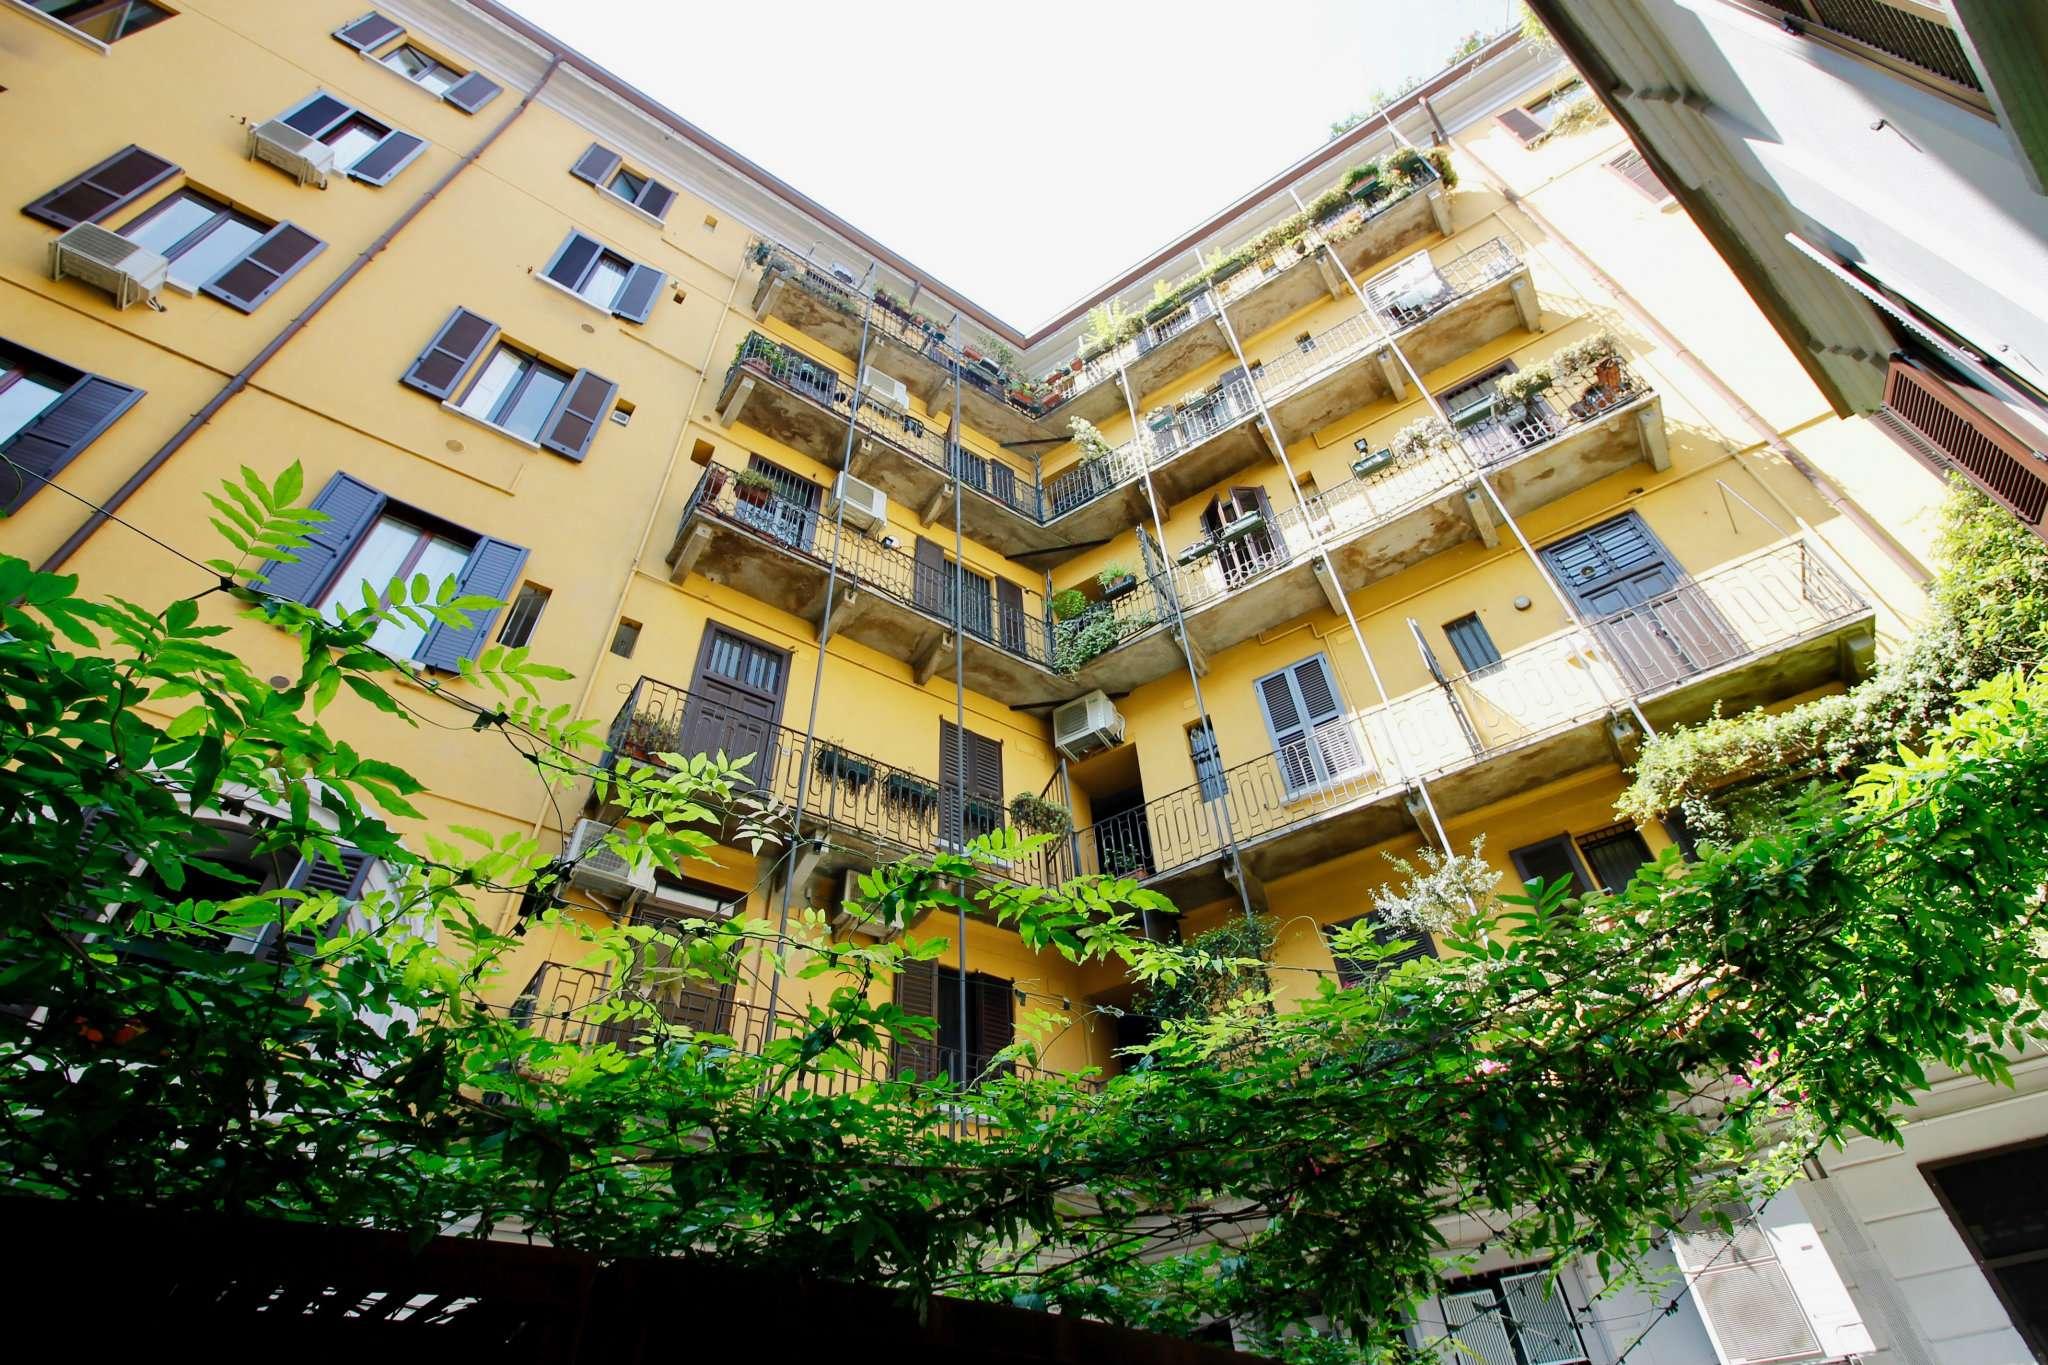 Appartamento in Vendita a Milano 02 Brera / Volta / Repubblica:  4 locali, 160 mq  - Foto 1